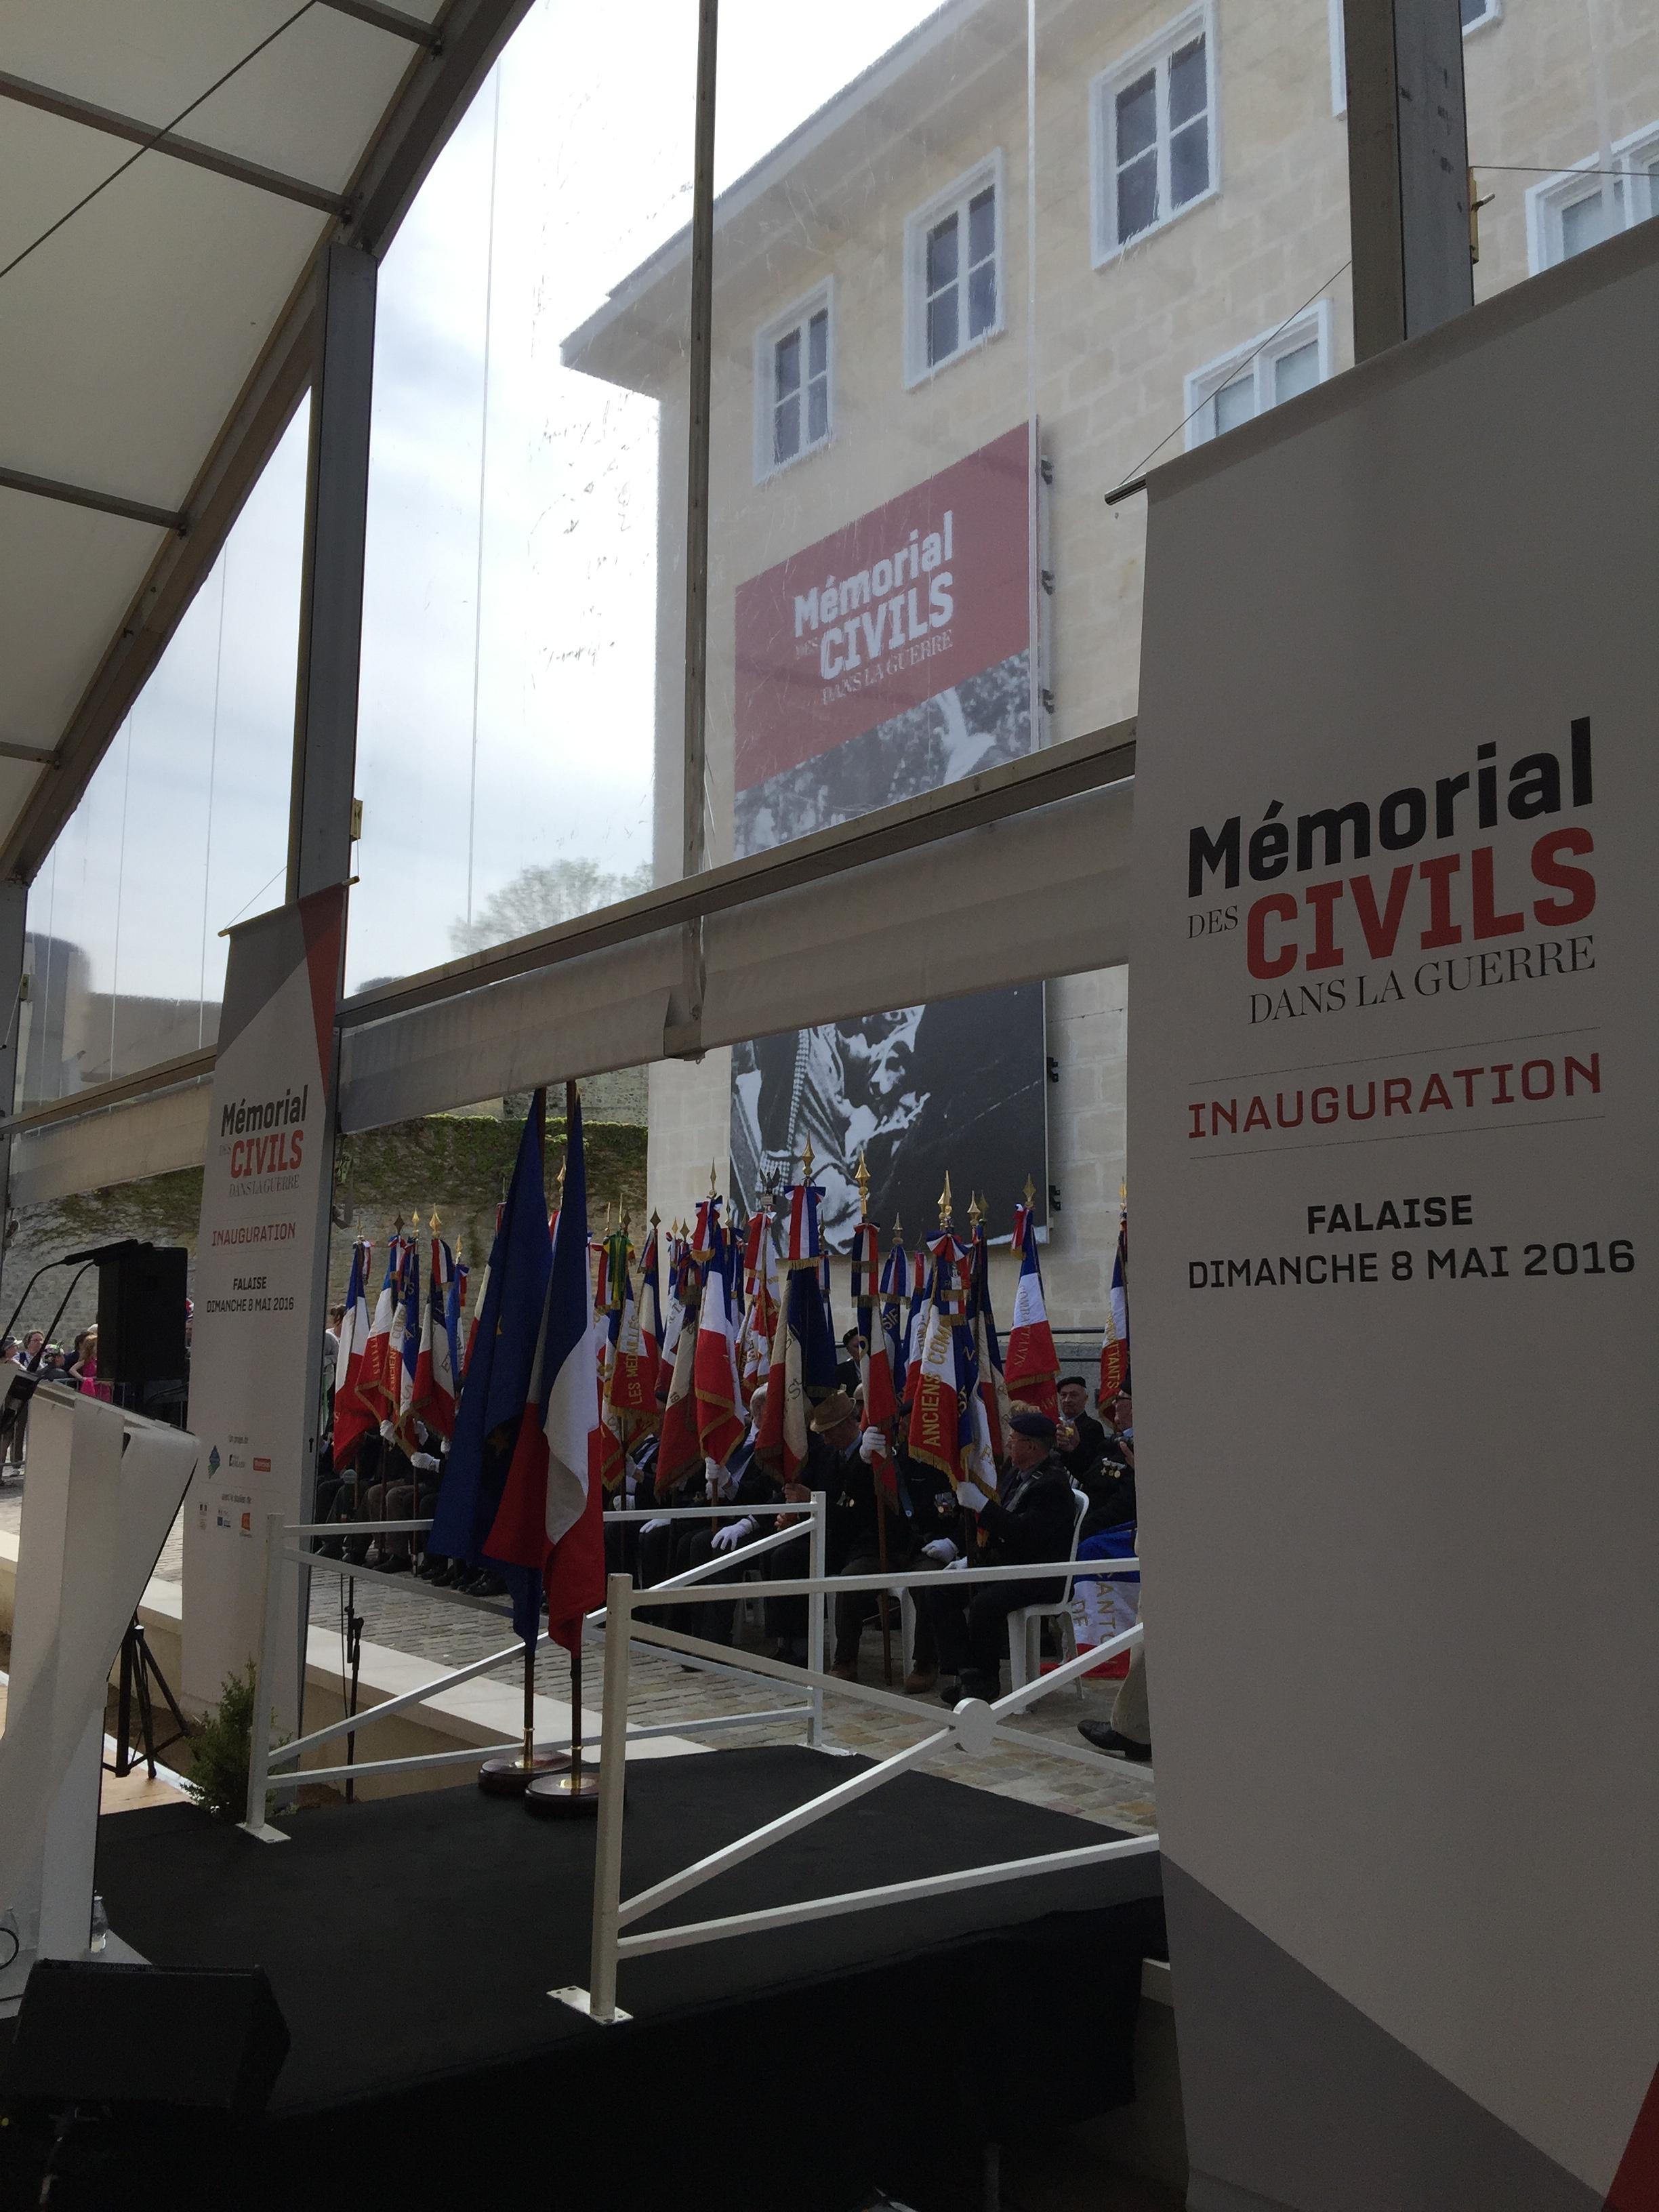 2016-05-08_memorial-civils-falaise-inauguration (5)